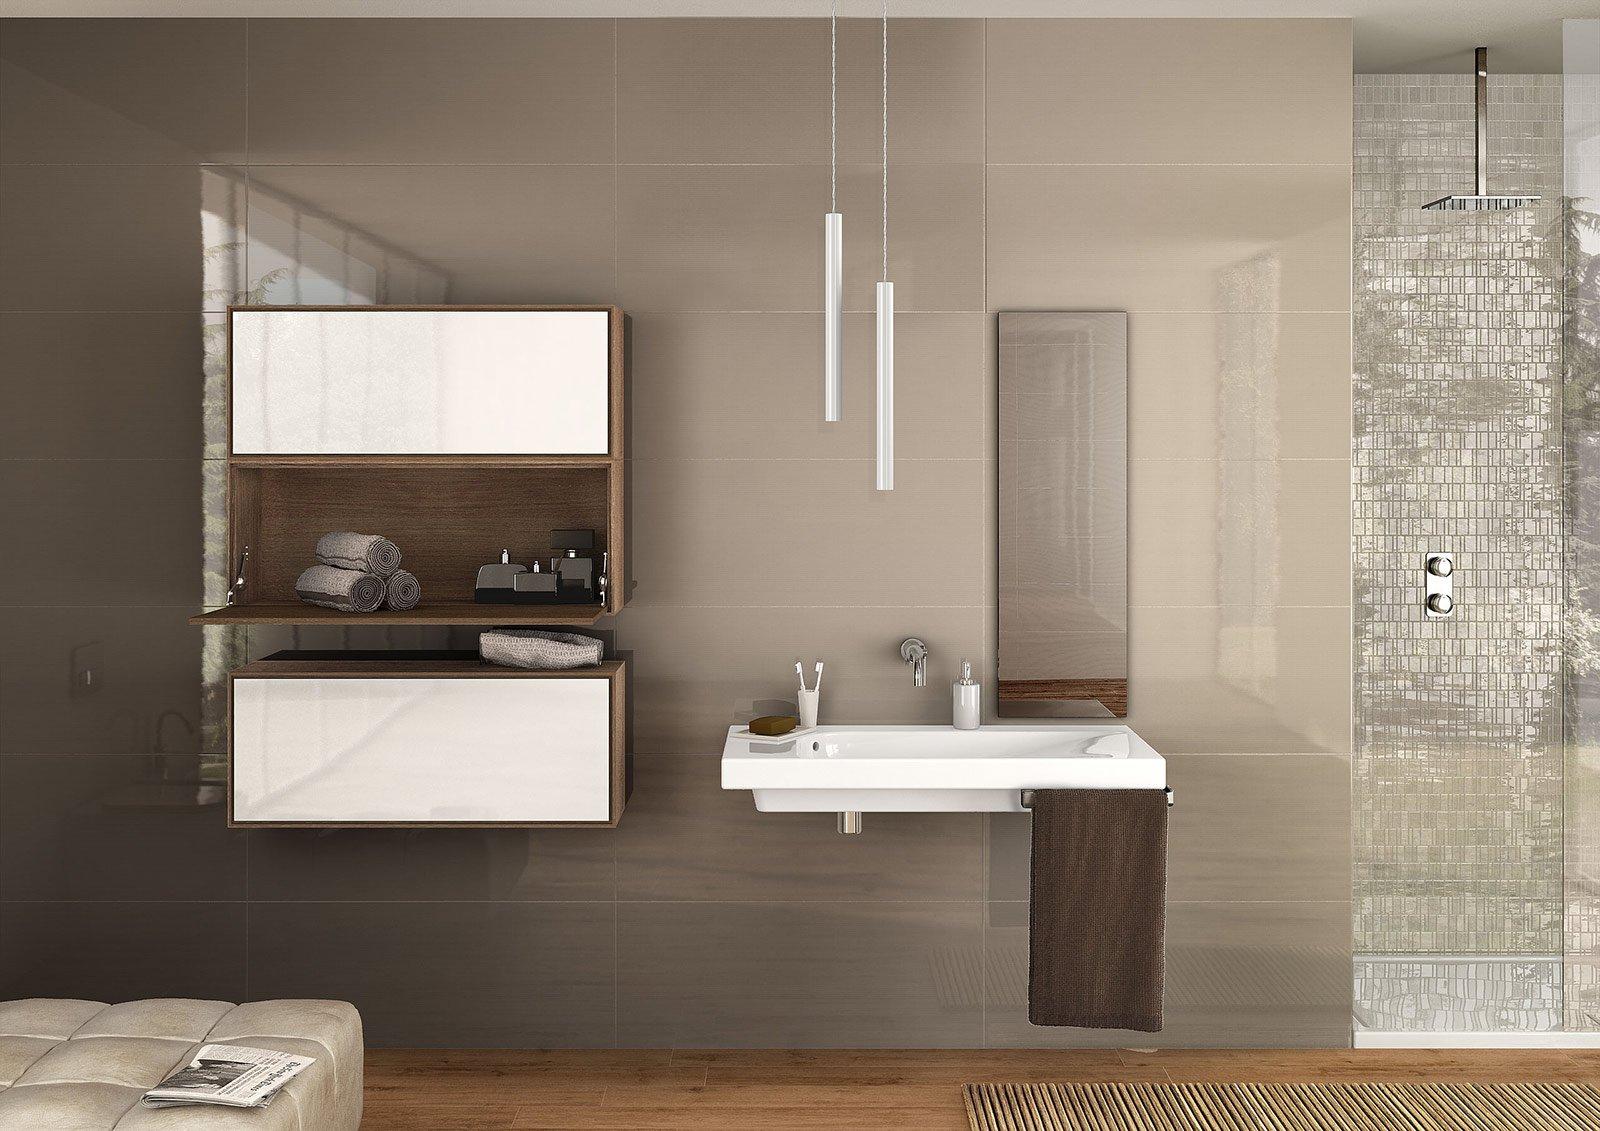 Lavandini per bagno con mobile il lavabo sospeso grandangolo di